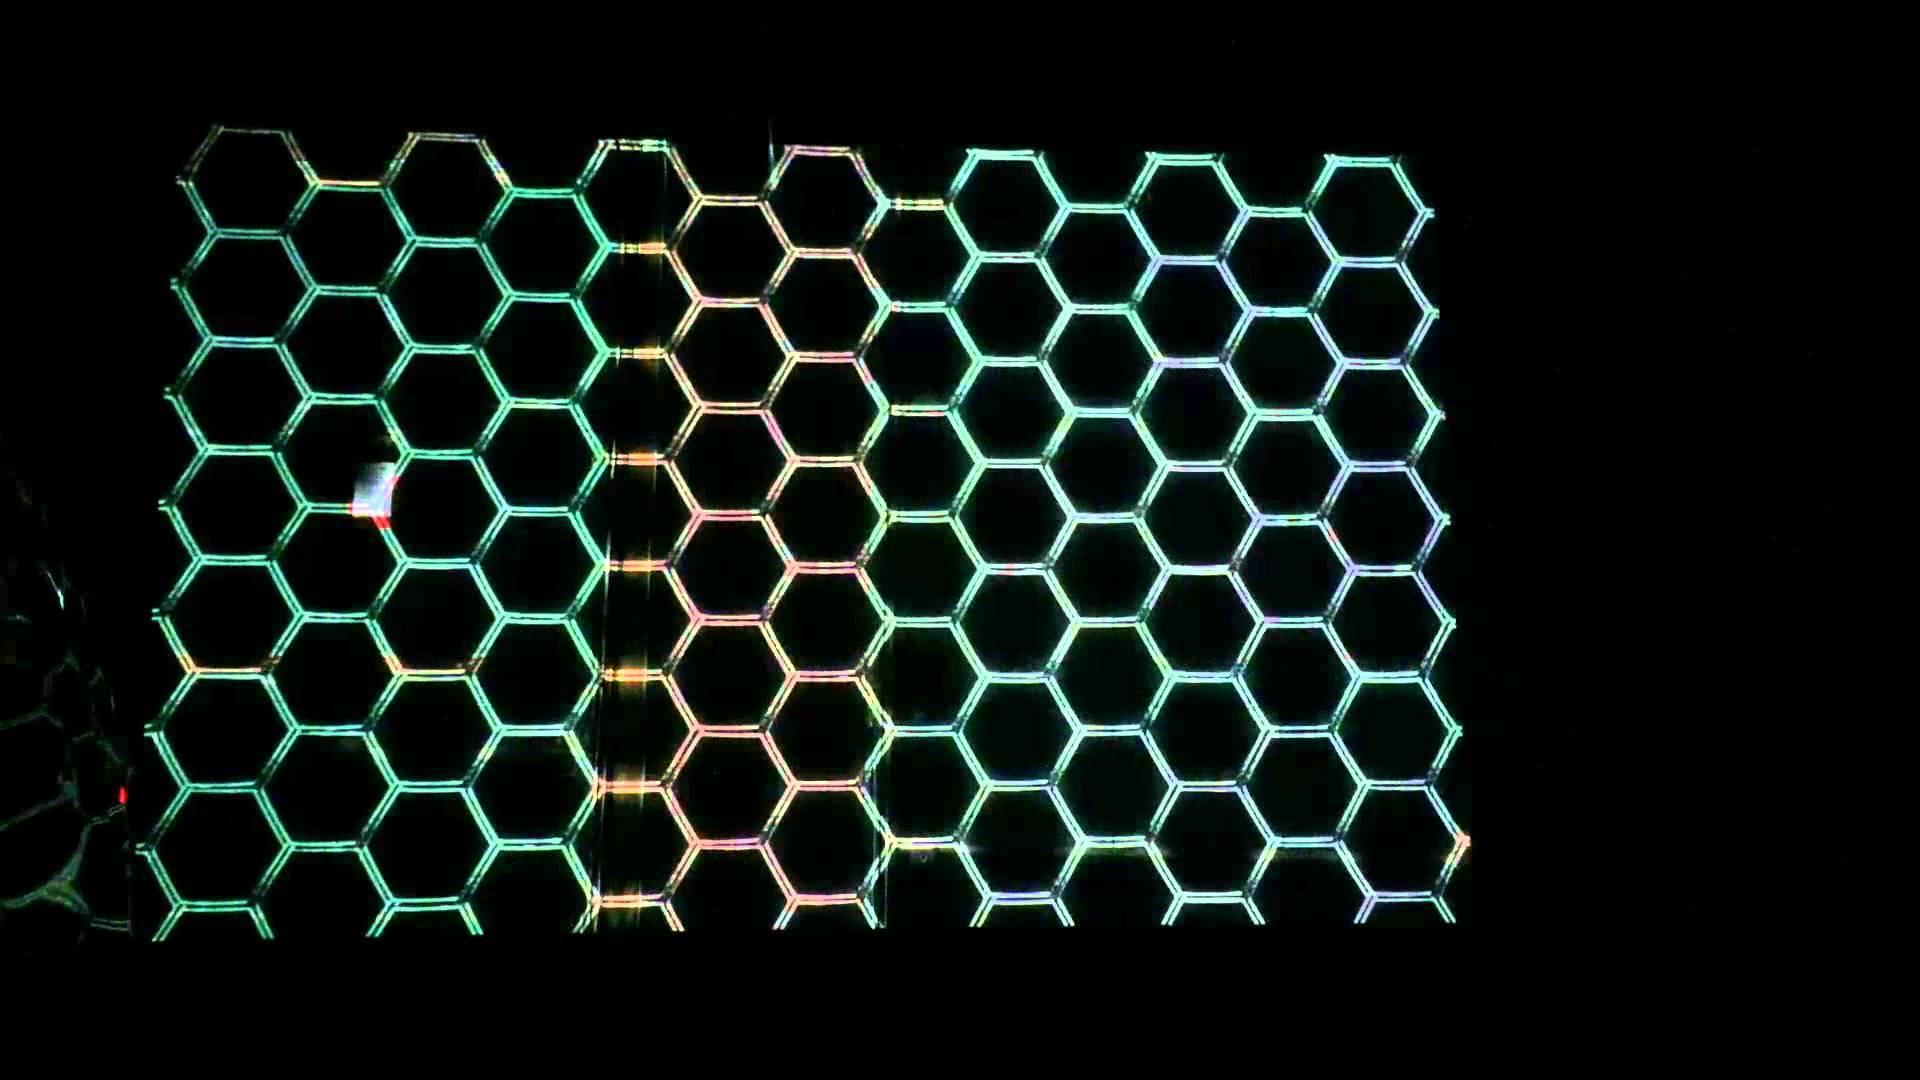 Hex Grid Wallpaper 1